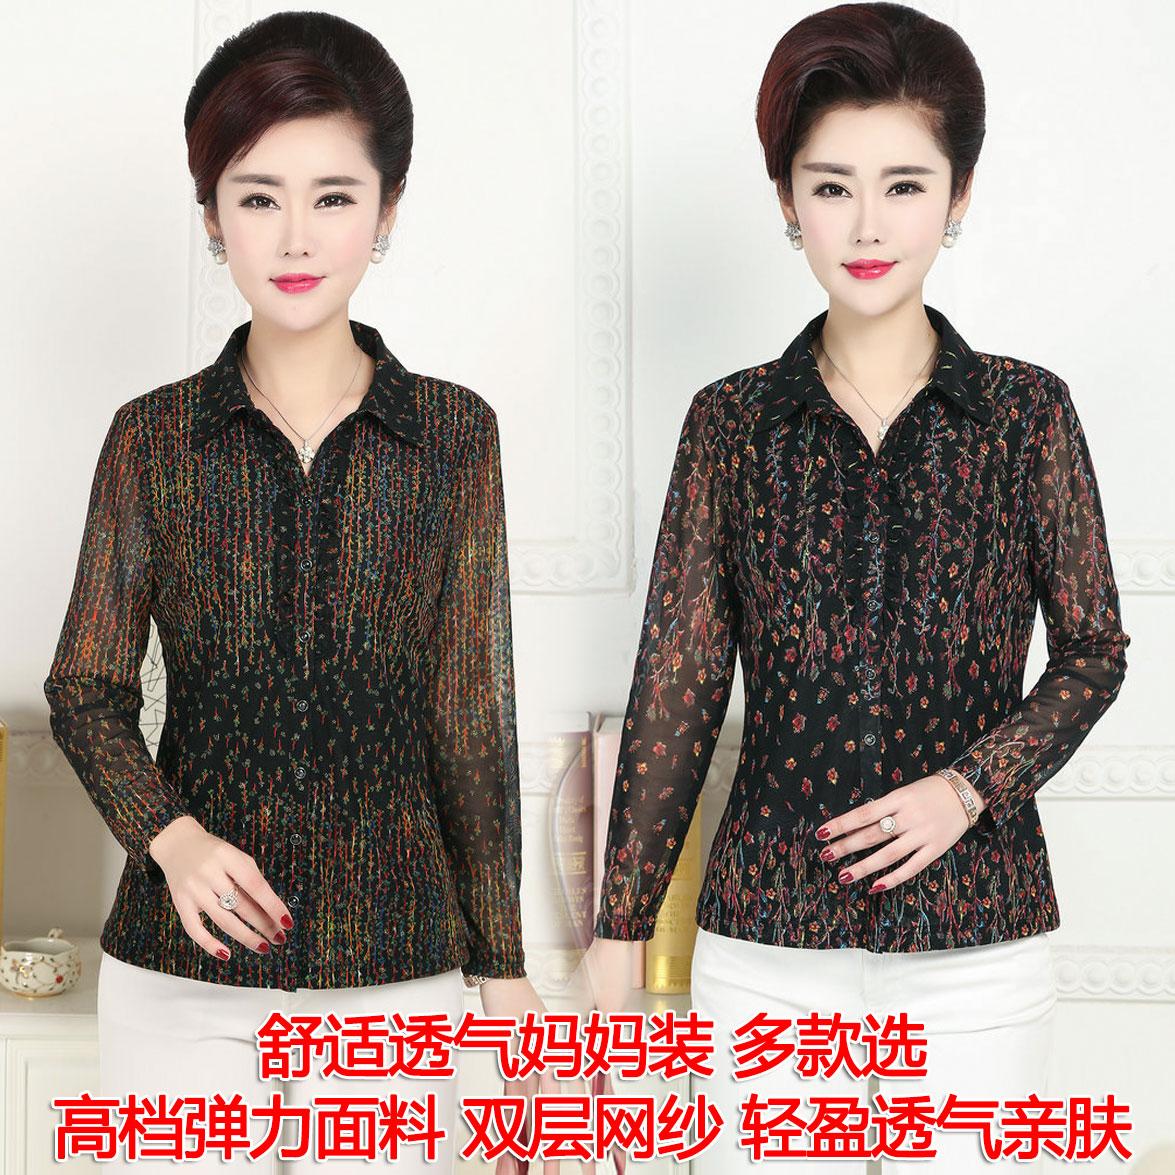 品牌台湾纱中老年女装春夏装上衣妈妈长袖网纱衬衫弹力翻领花小衫